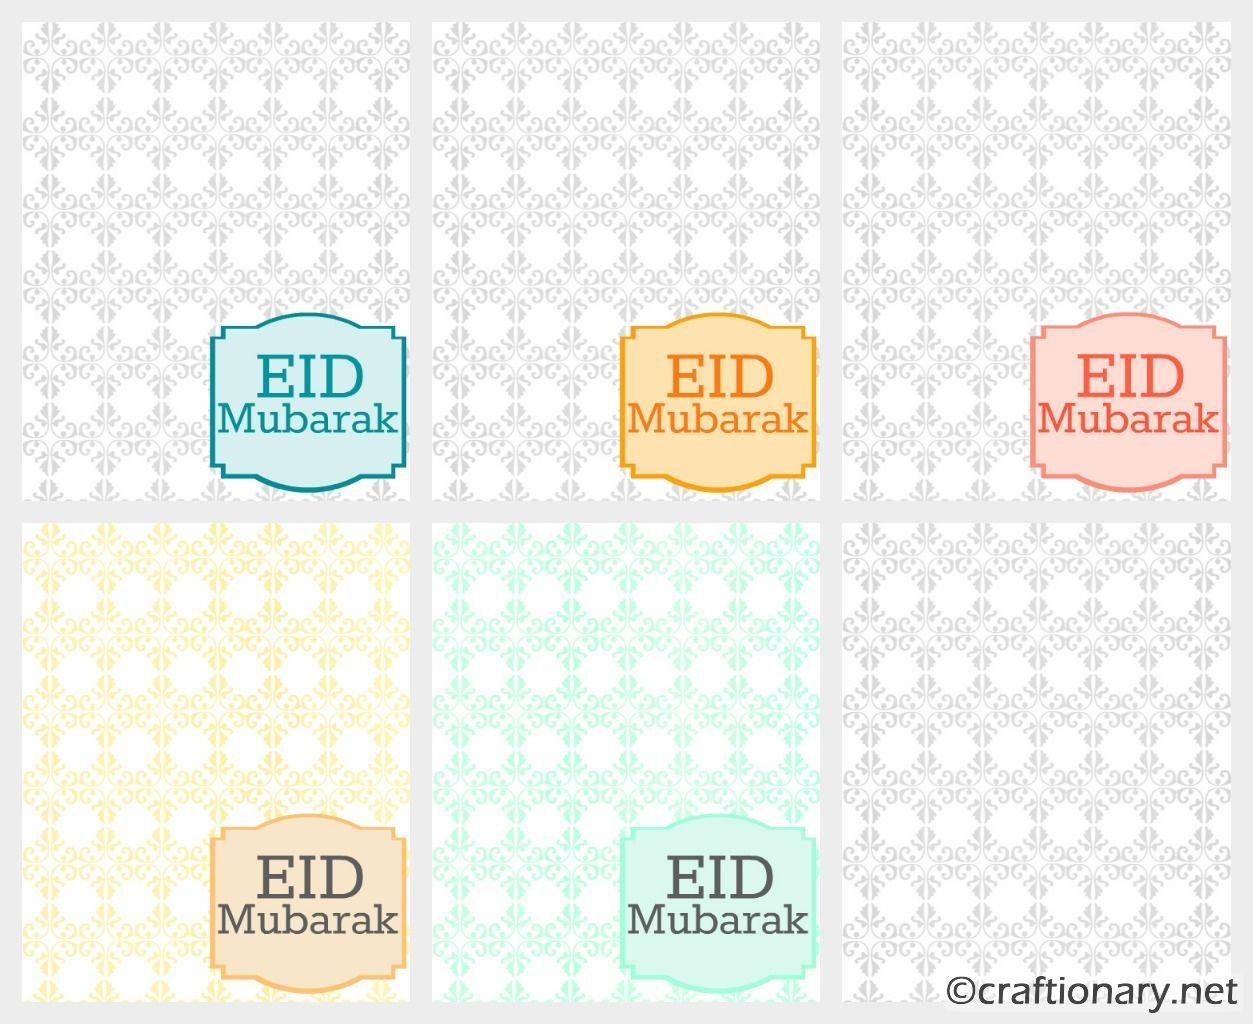 Best Eid Greeting Cards Free Printable Craftionary Eid Greeting Cards Eid Greetings Eid Card Template